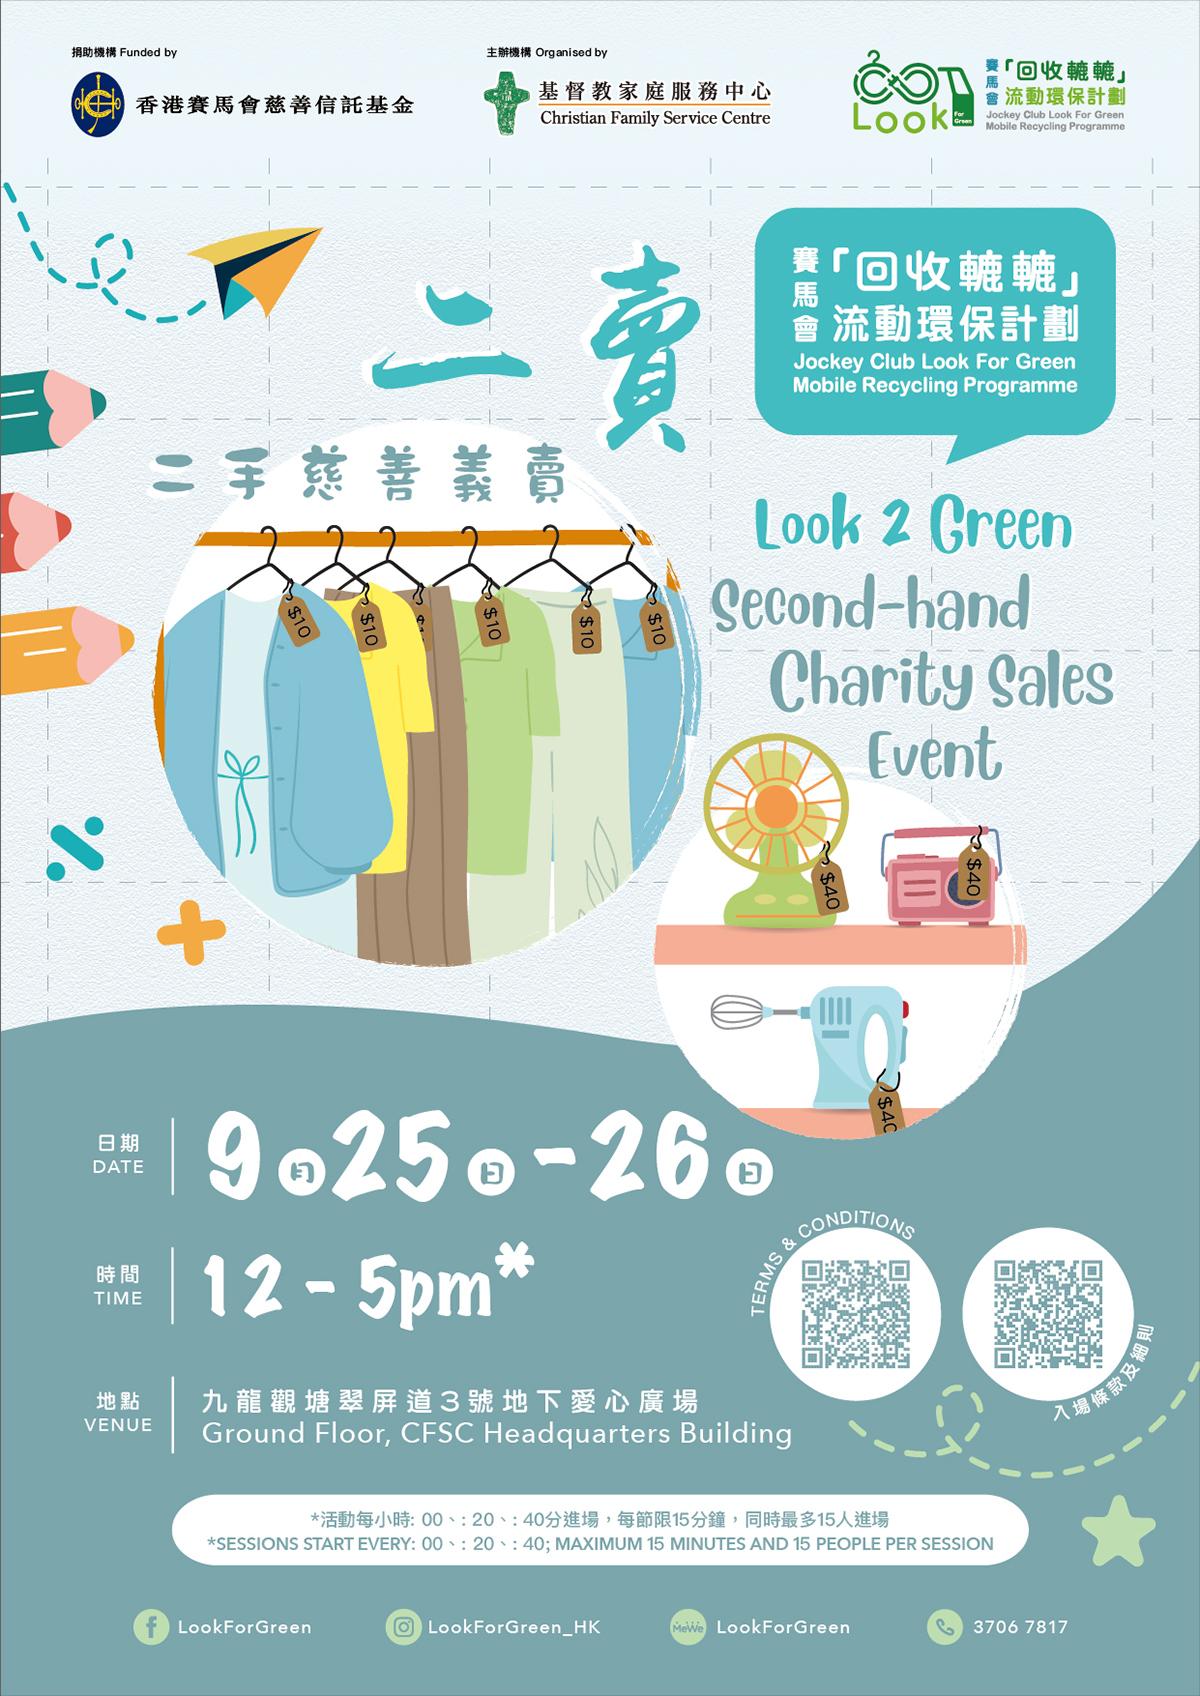 《二賣》— 宣揚環保重用衣物及電器的每月二手慈善義賣活動